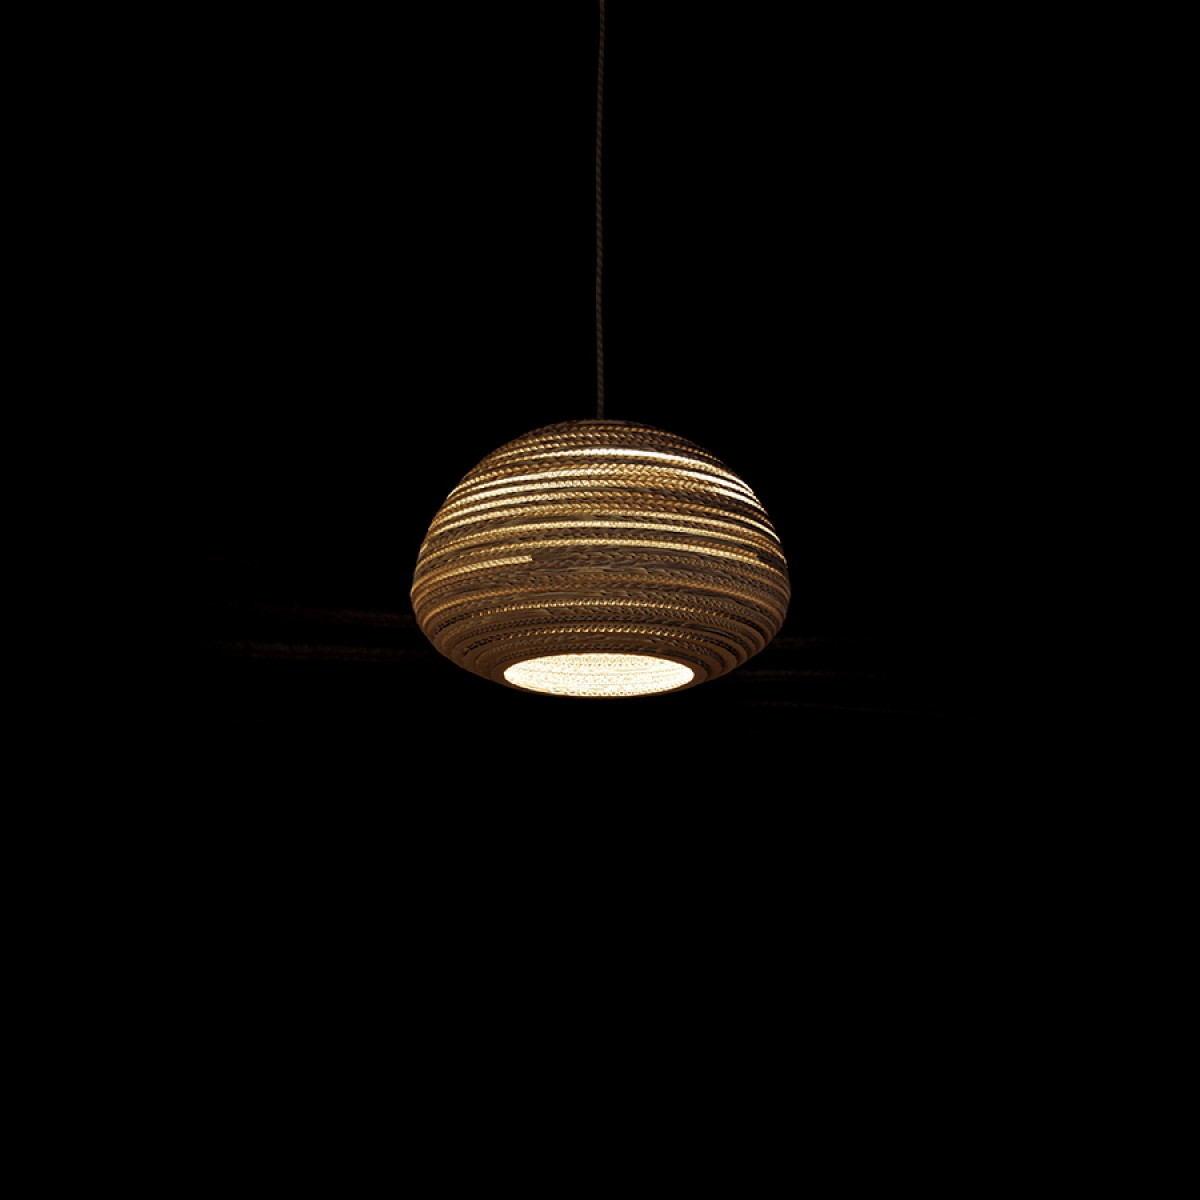 Cardboard lampshade, n3, type B - Stehlampe